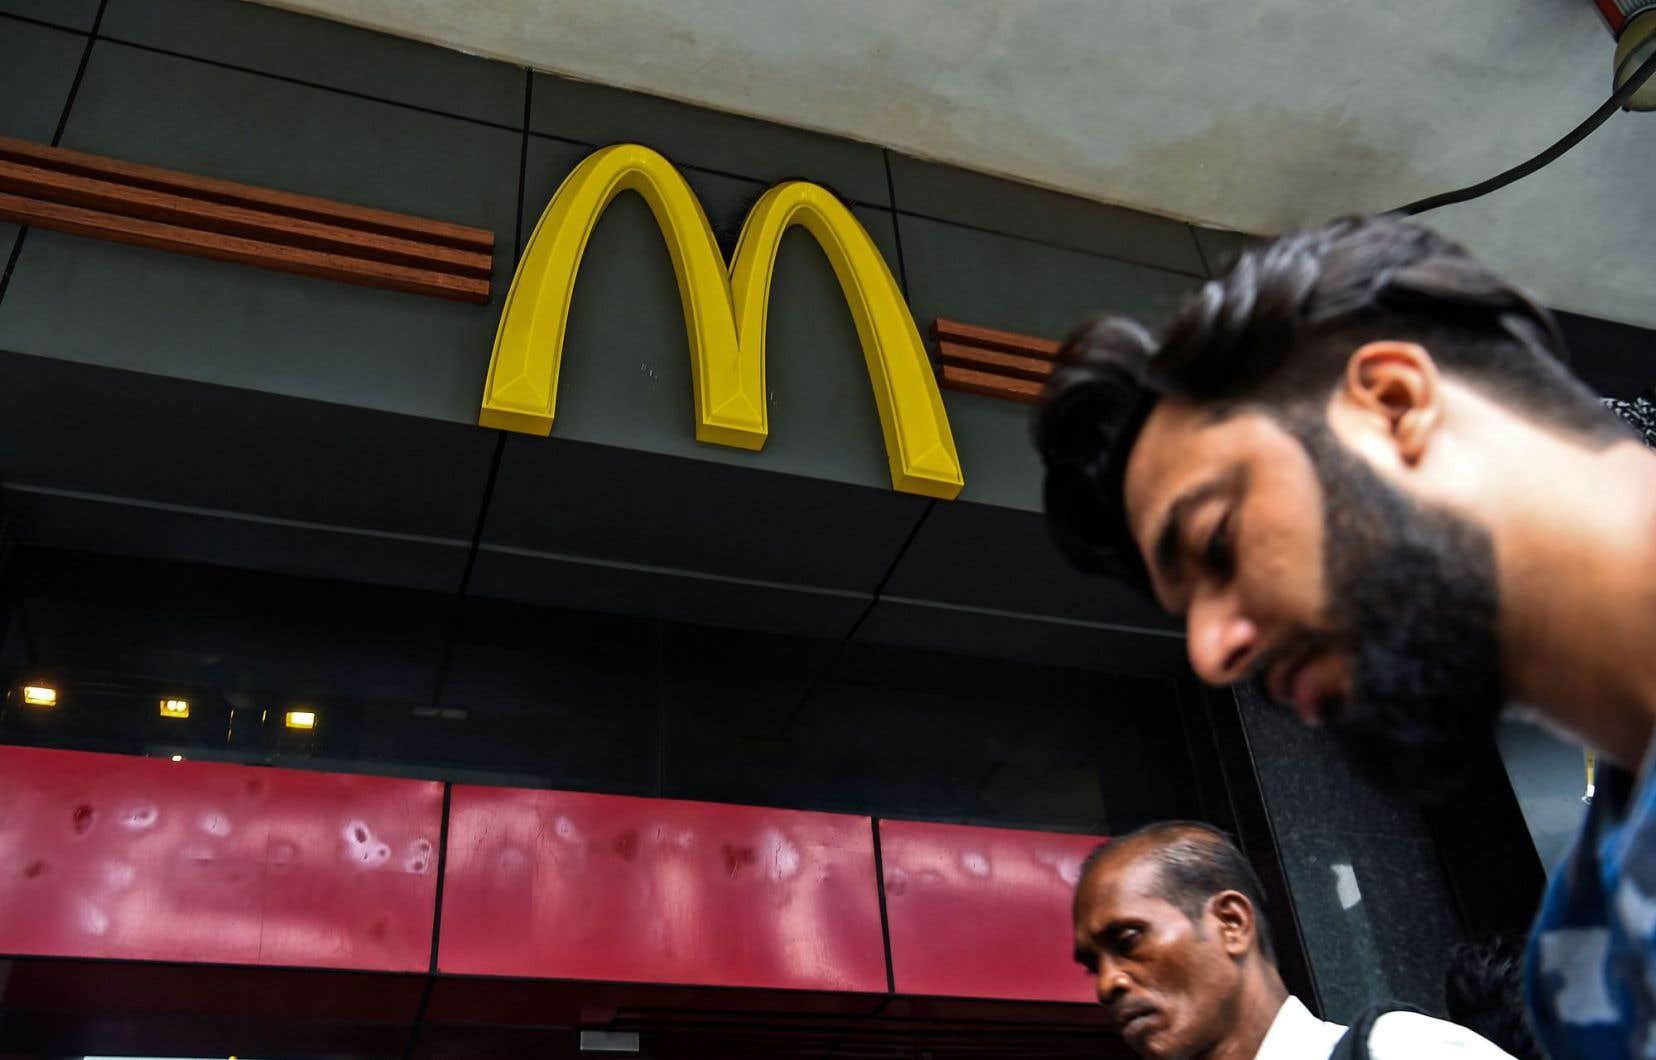 McDonald's India exploitait jusqu'ici près de 400 restaurants dans 65 villes d'Inde et a cédé ces dernières années du terrain face aux chaînes comme Domino's Pizza ou Pizza Hut.